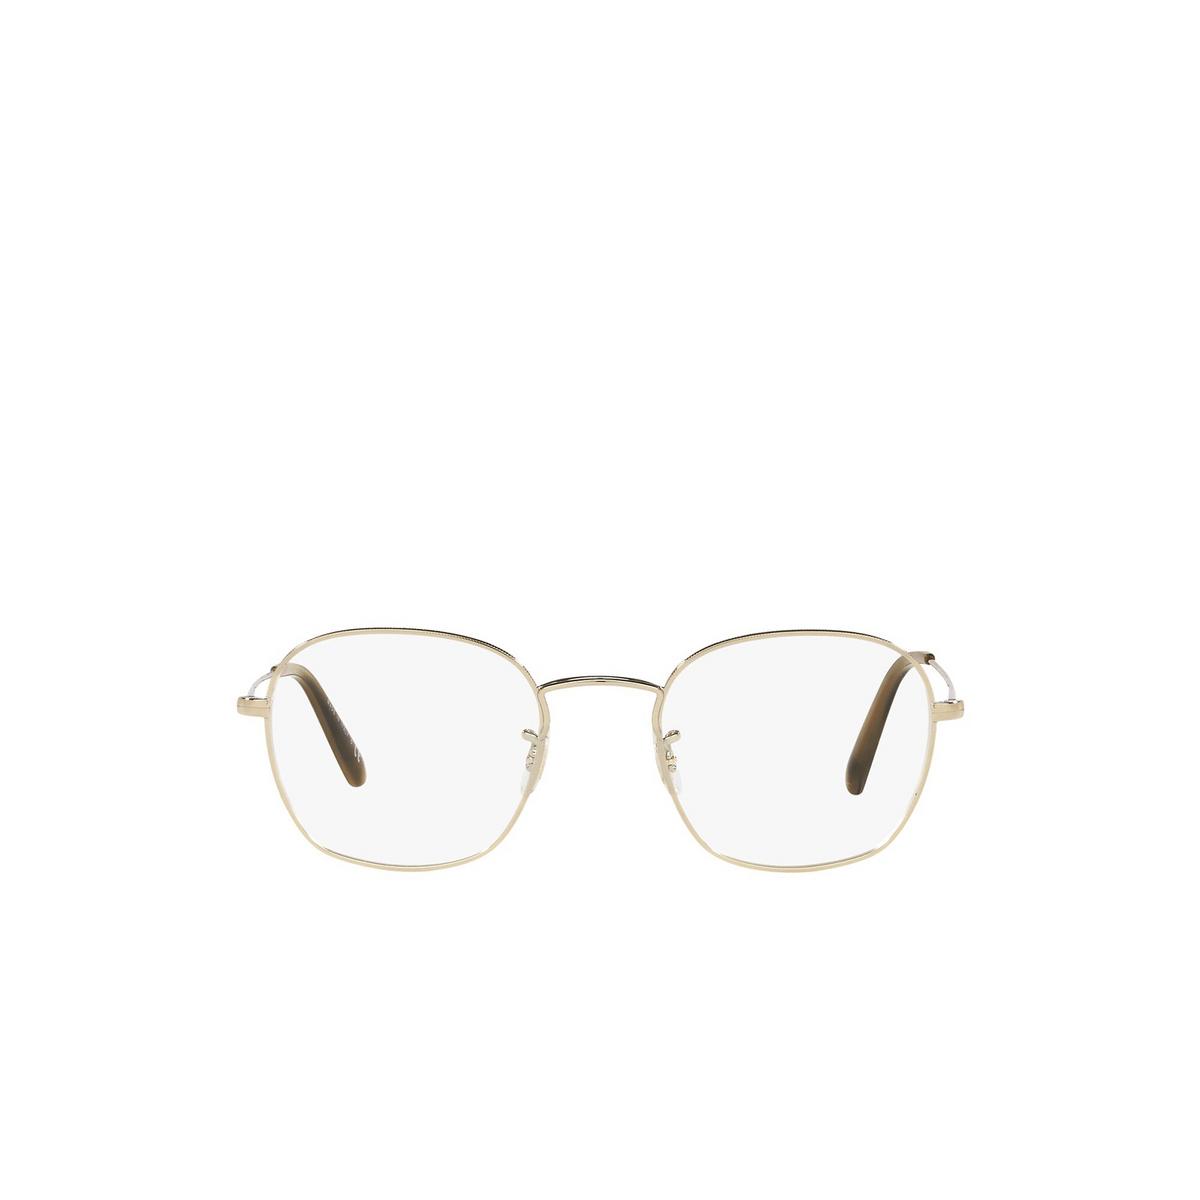 Oliver Peoples® Round Eyeglasses: Allinger OV1284 color Gold 5145 - front view.